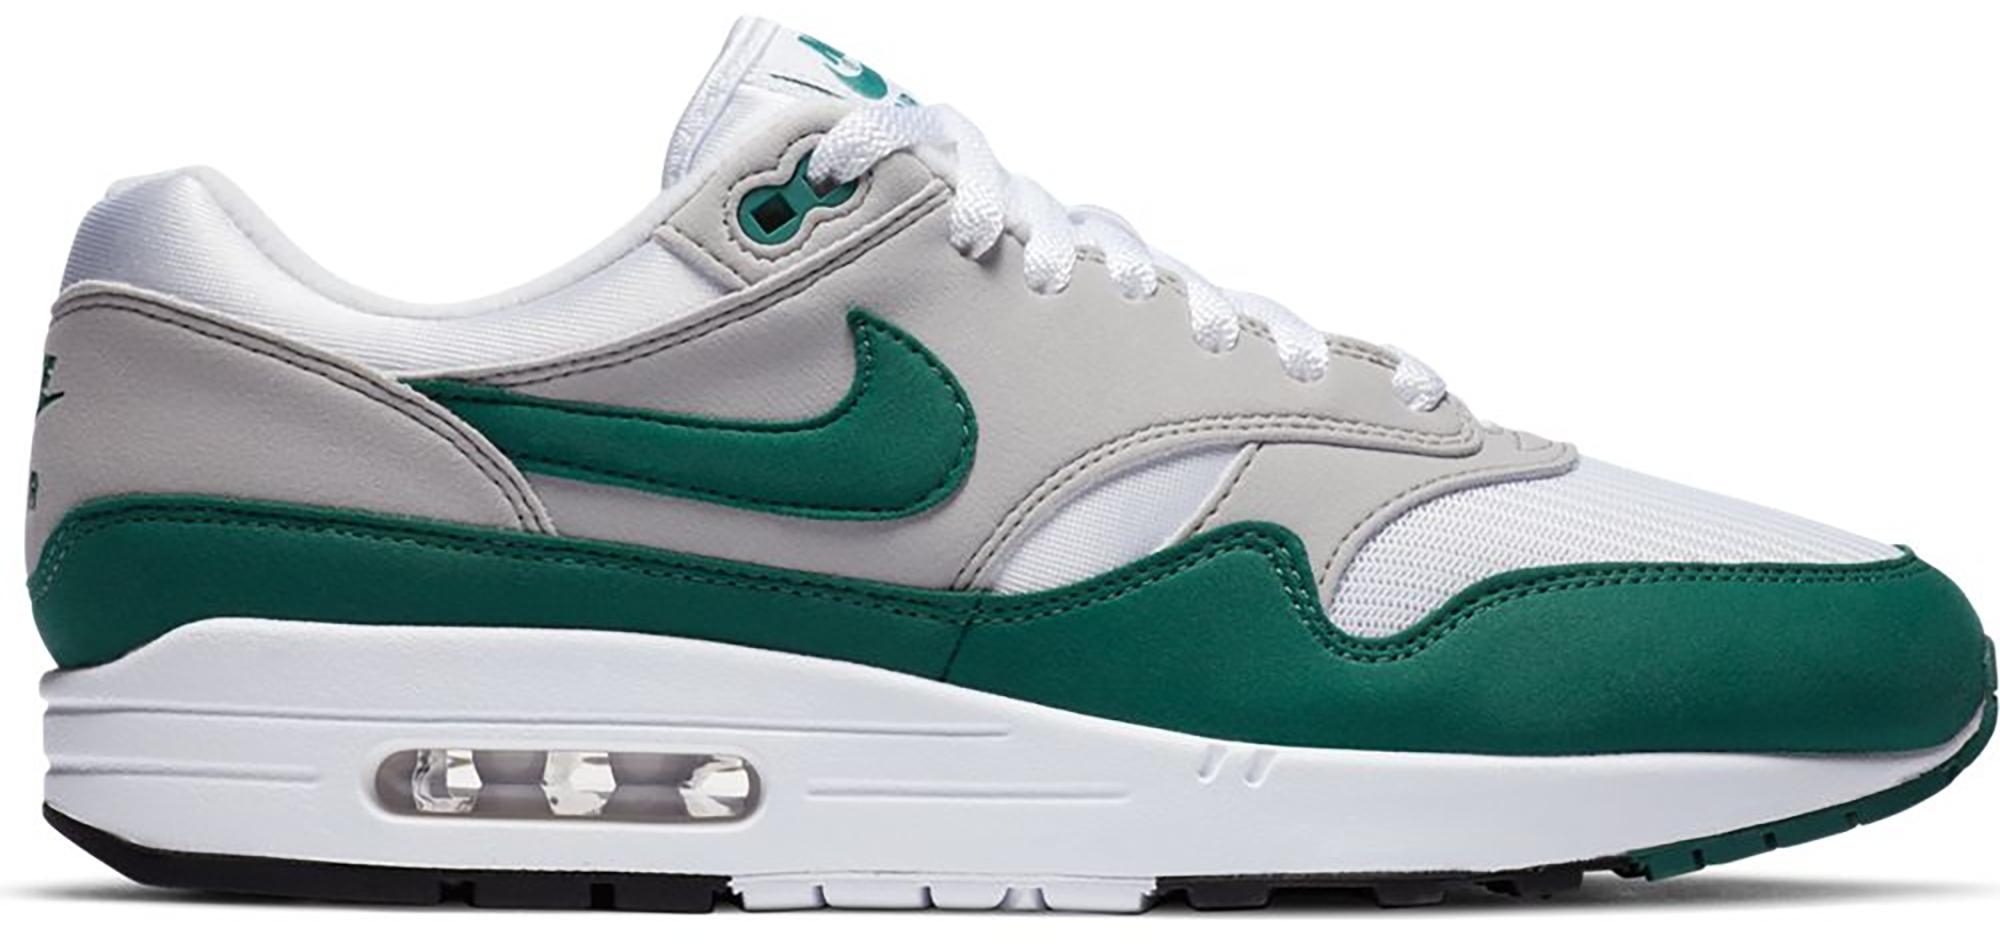 Nike Air Max 1 Anniversary Green (2020